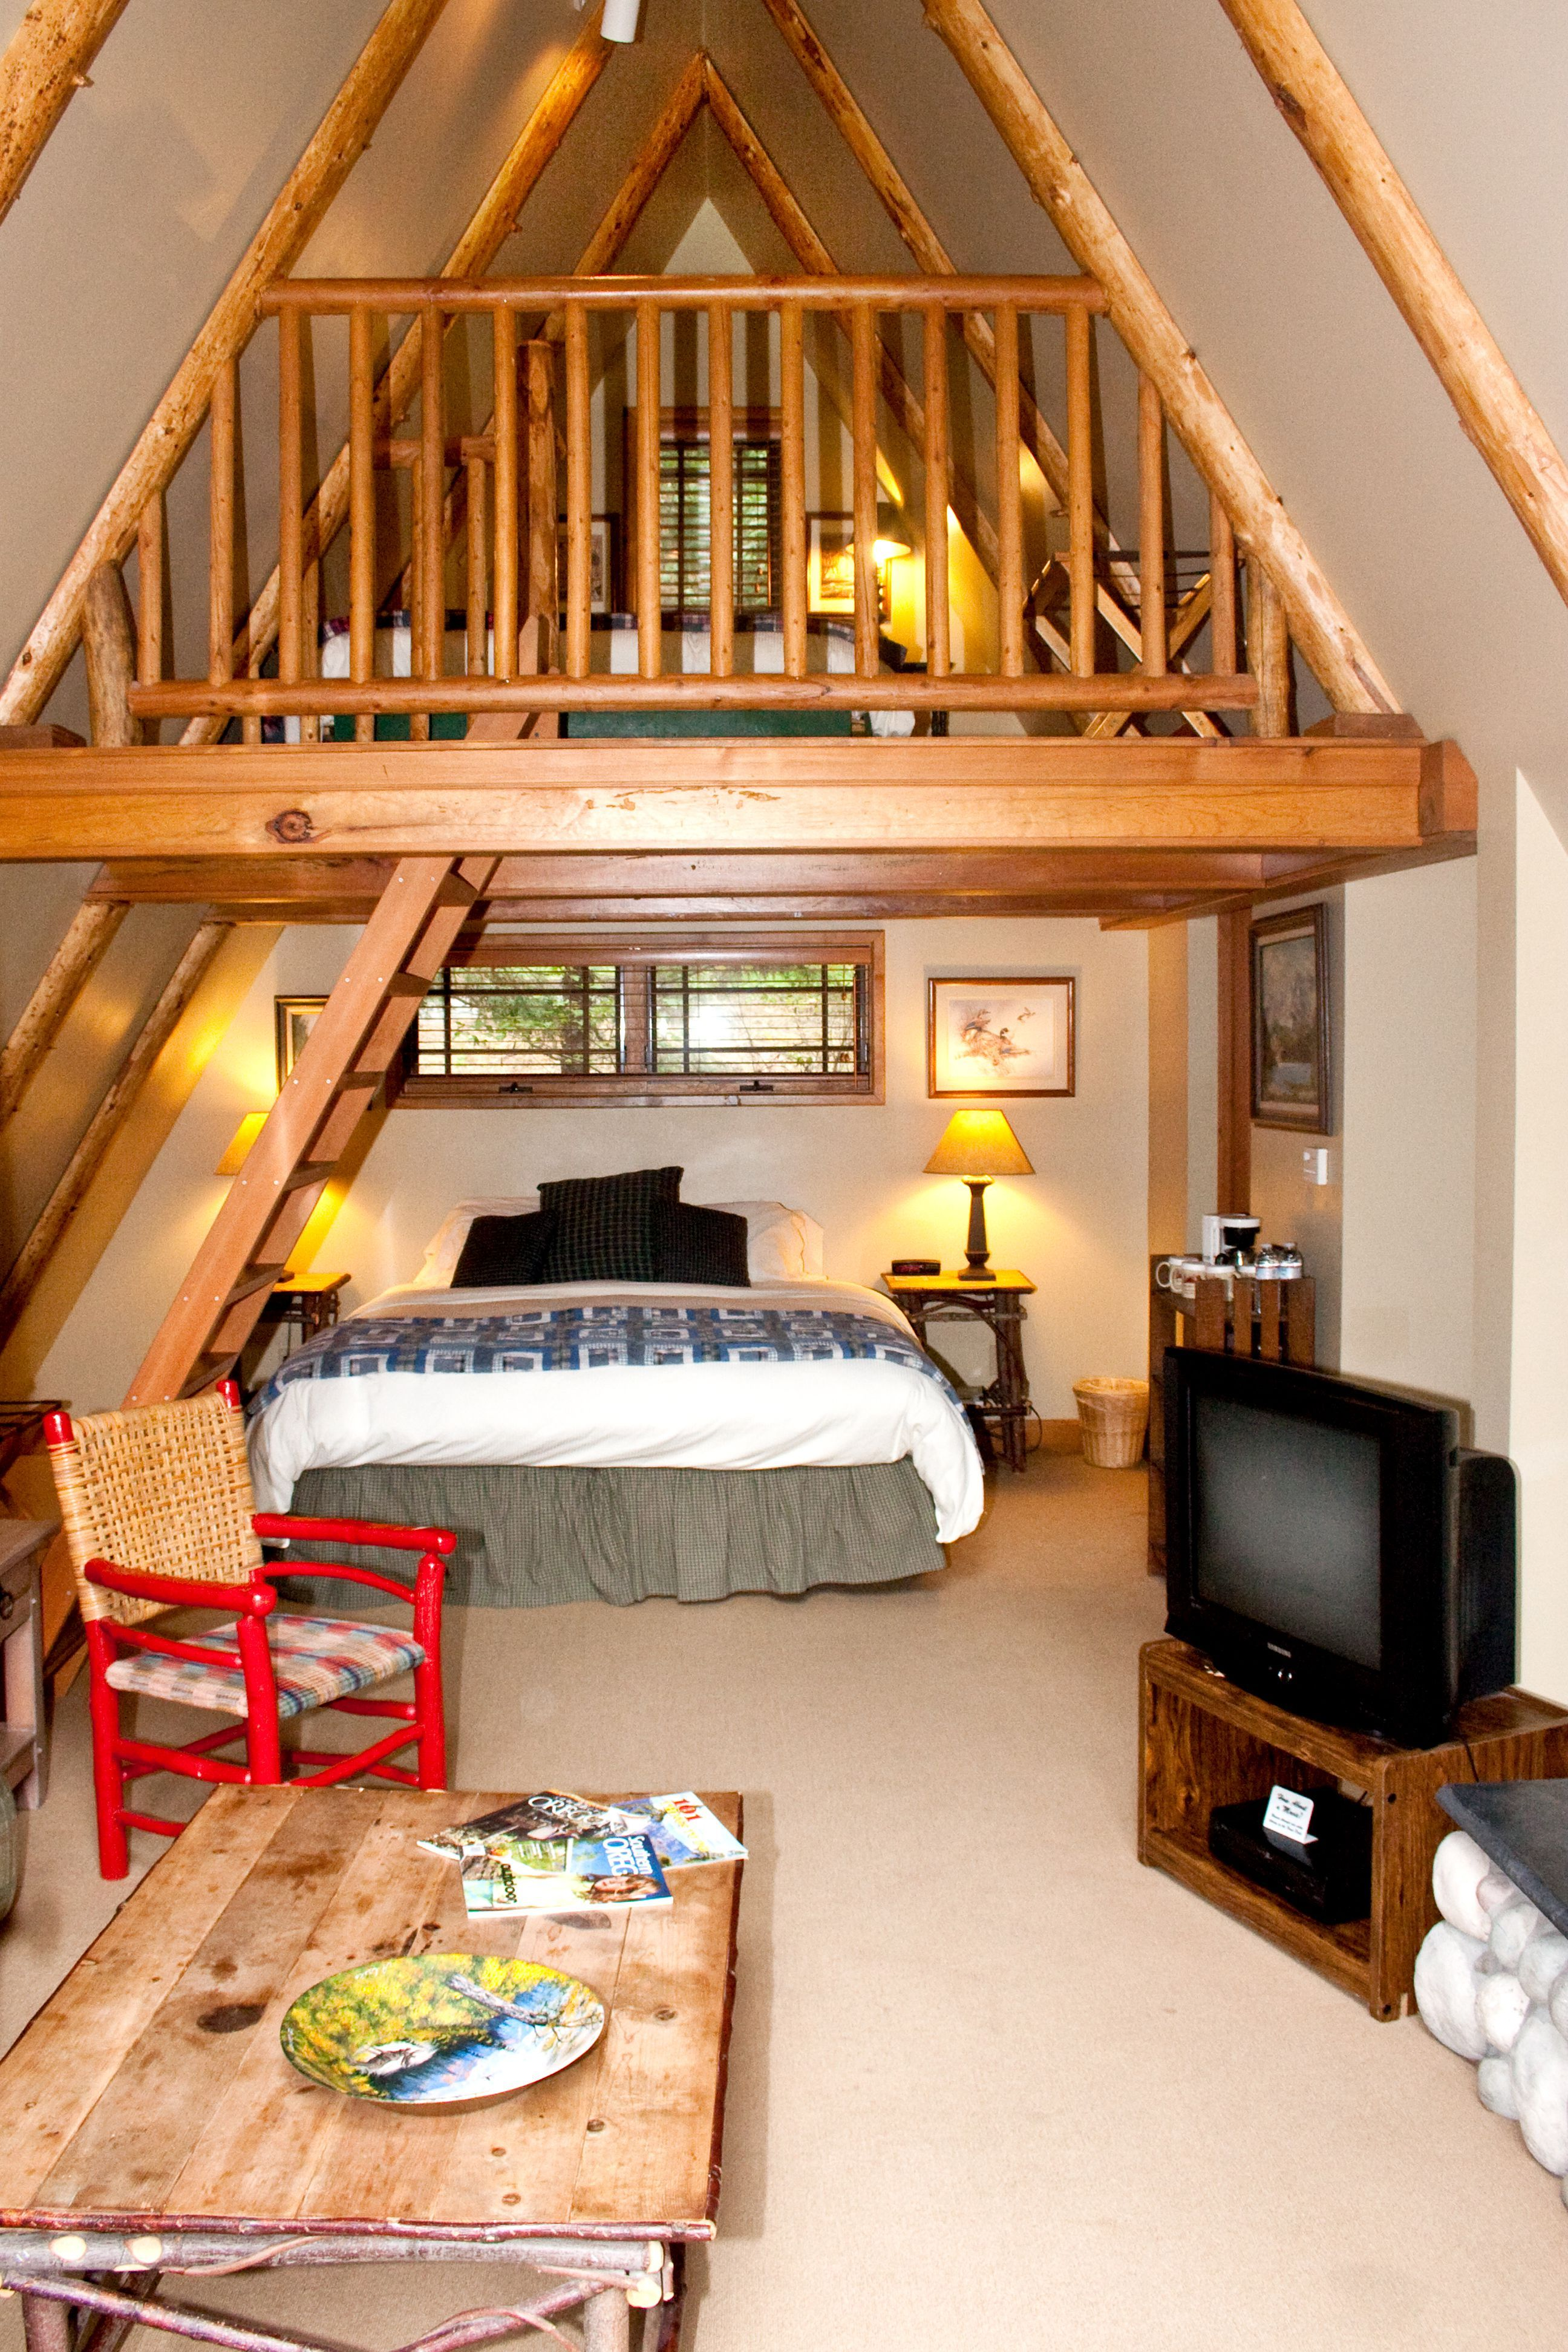 The Weasku Inn - A-Frame  A frame house, A frame cabin, Tiny